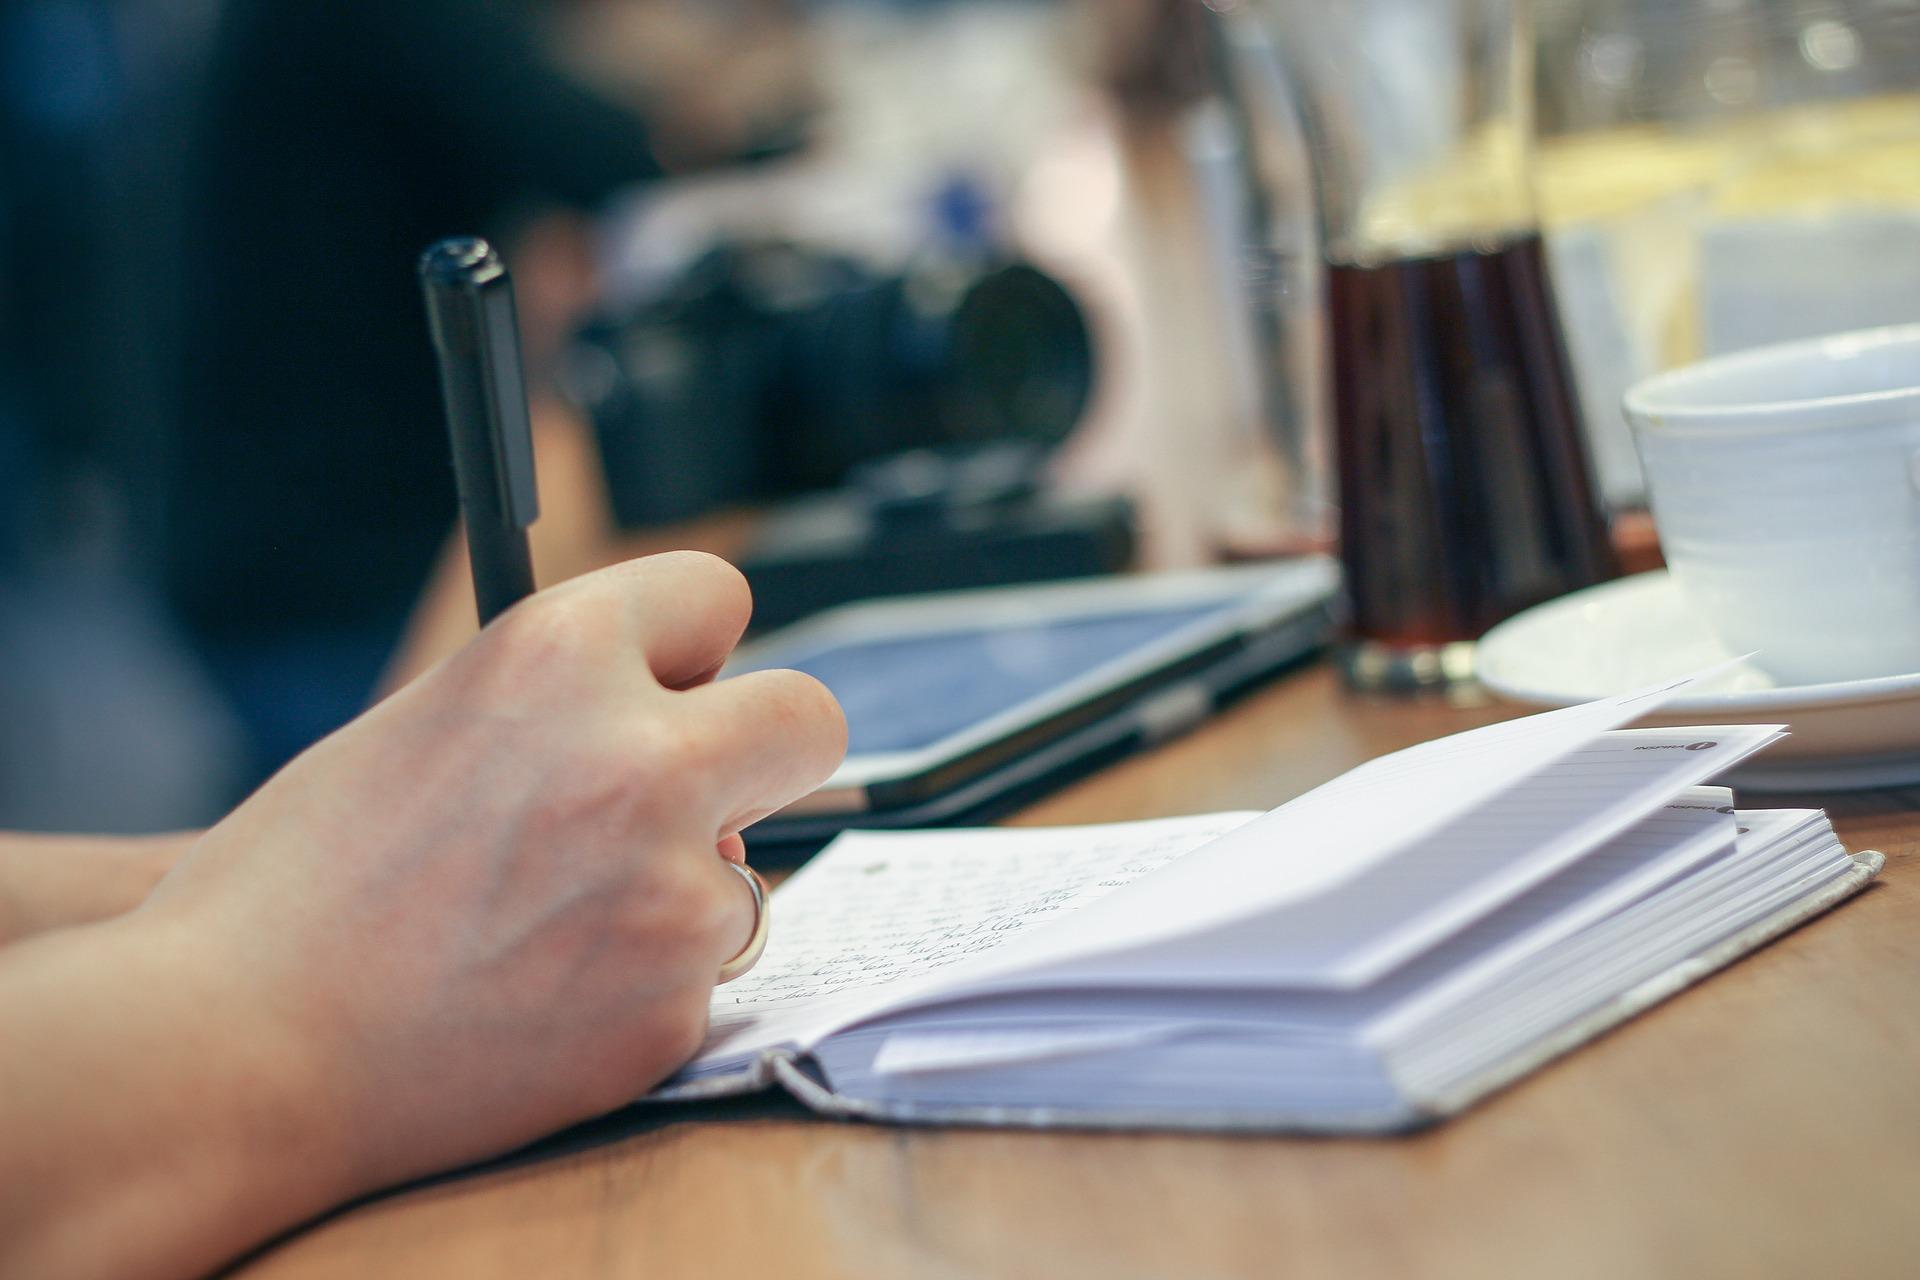 Forfatter ved et skrivebord